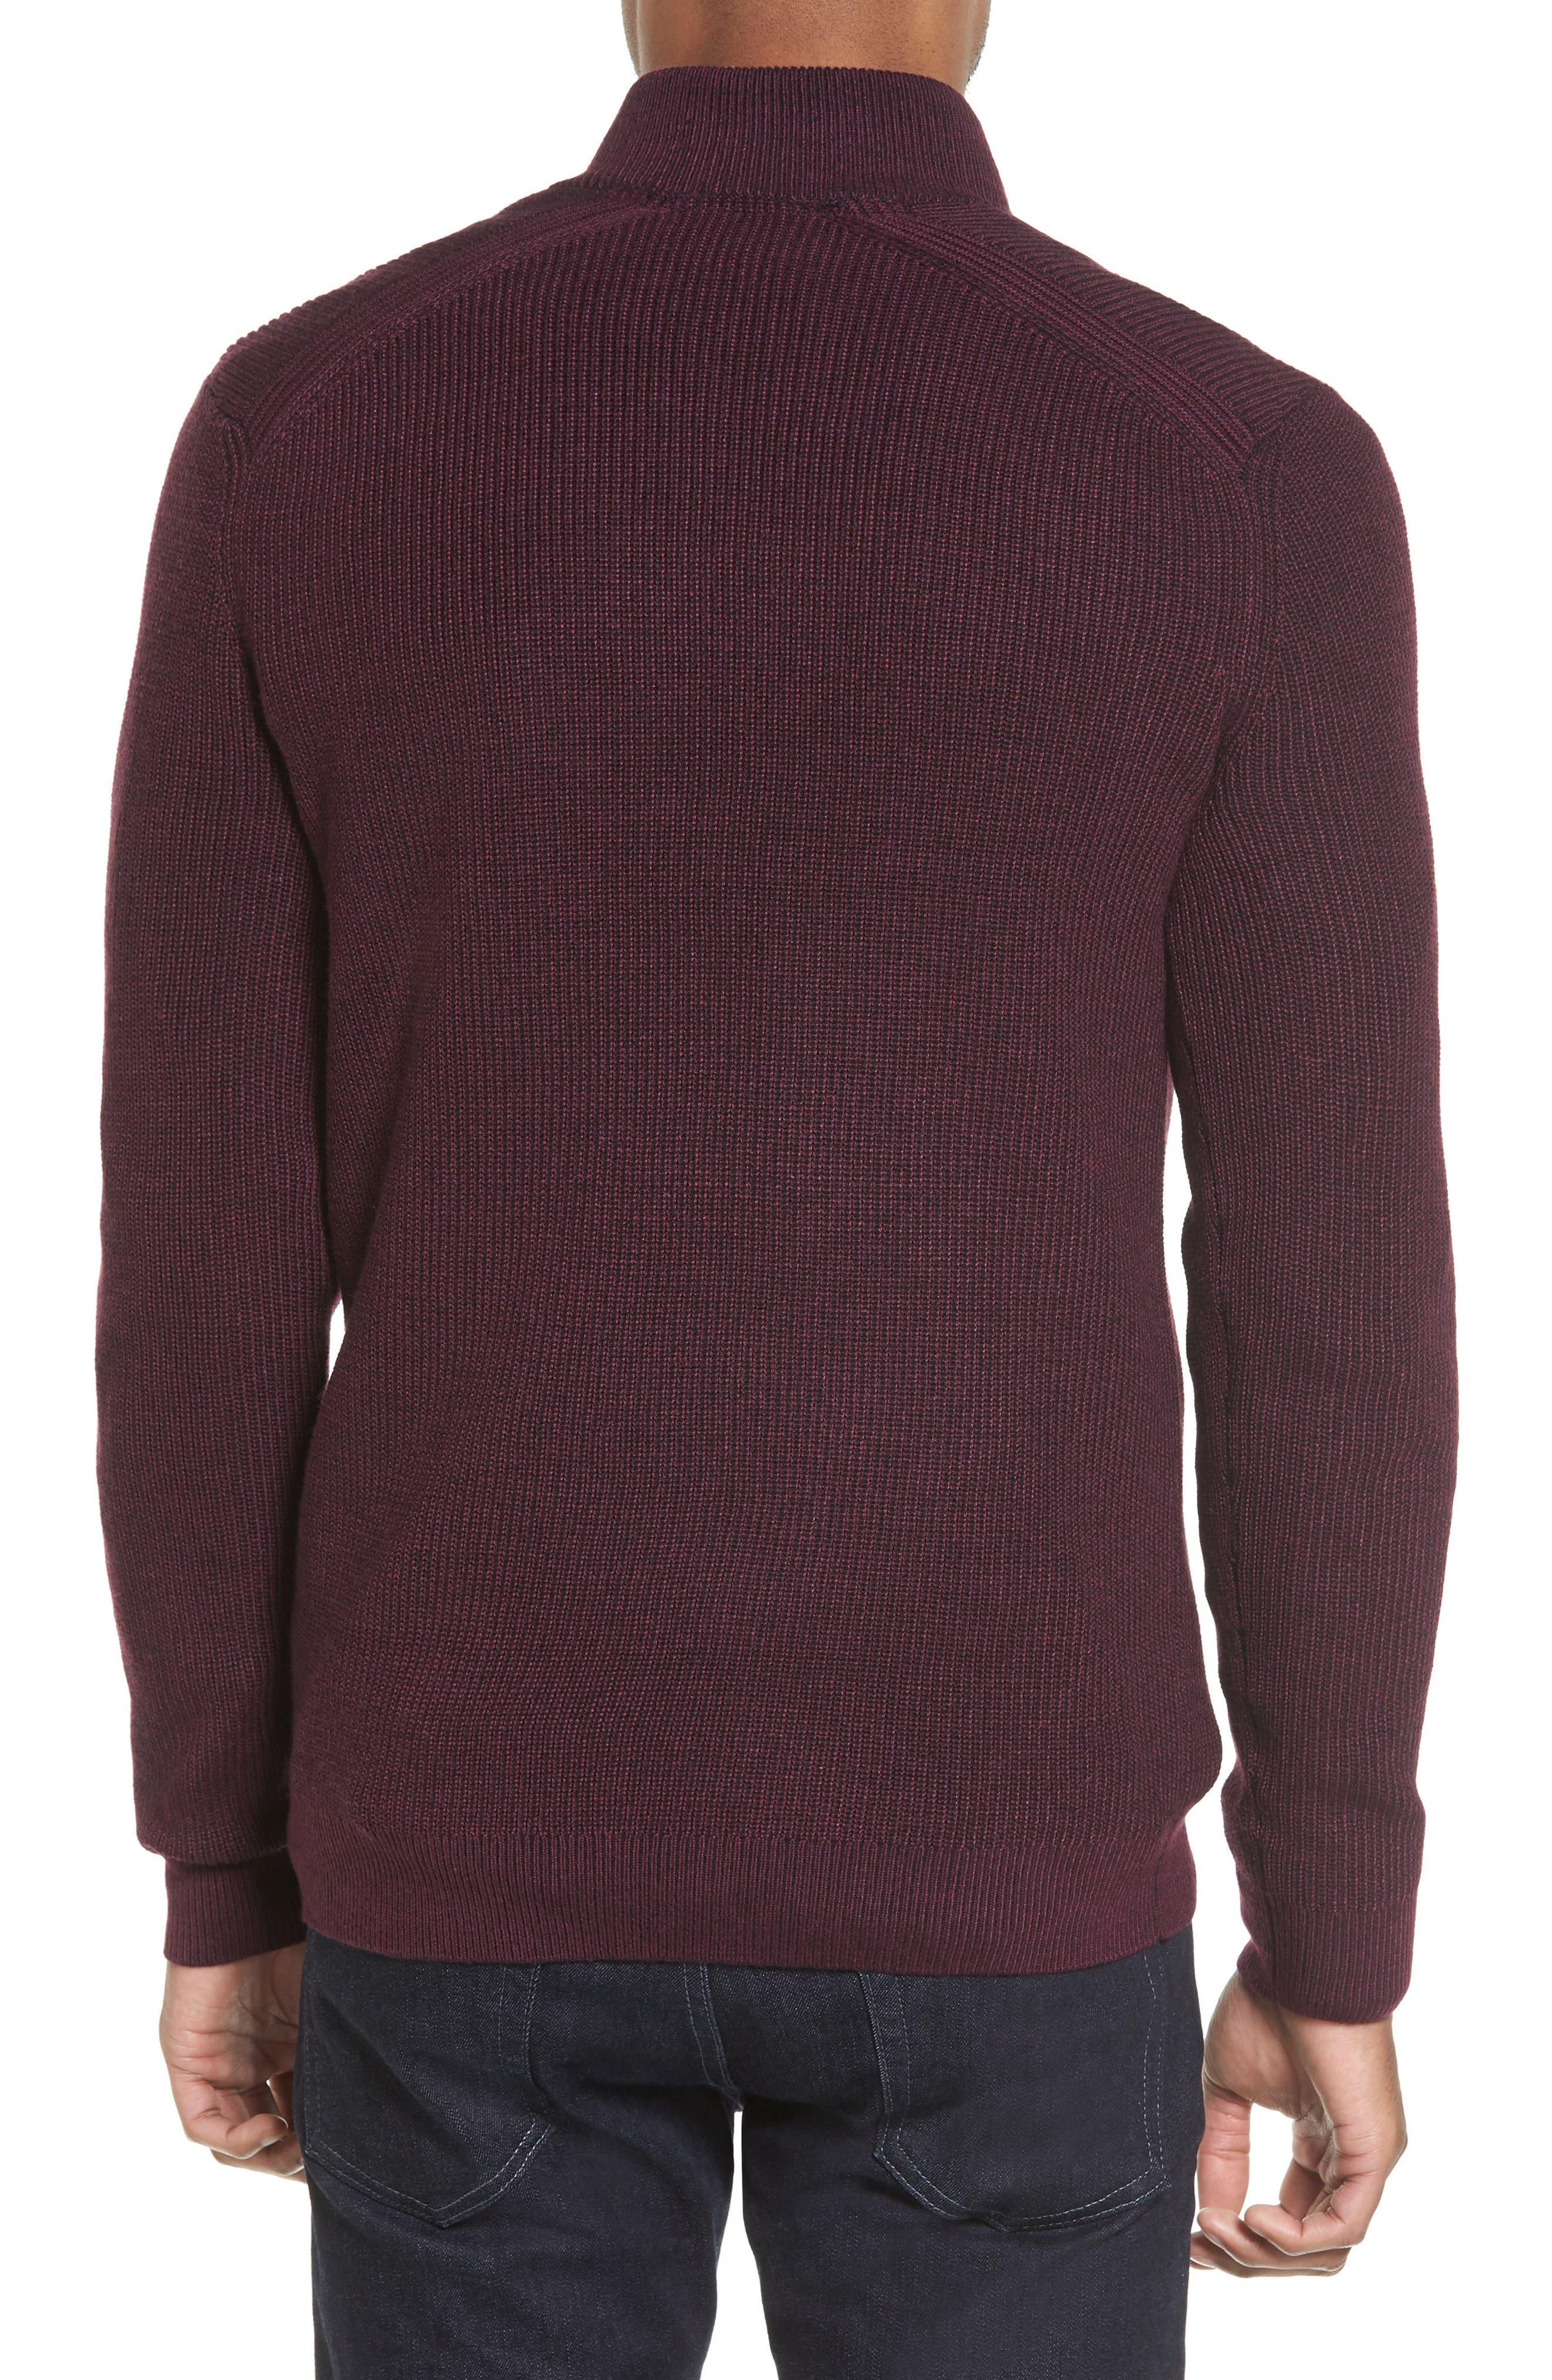 Stach Quarter Zip Sweater,                             Alternate thumbnail 2, color,                             Purple